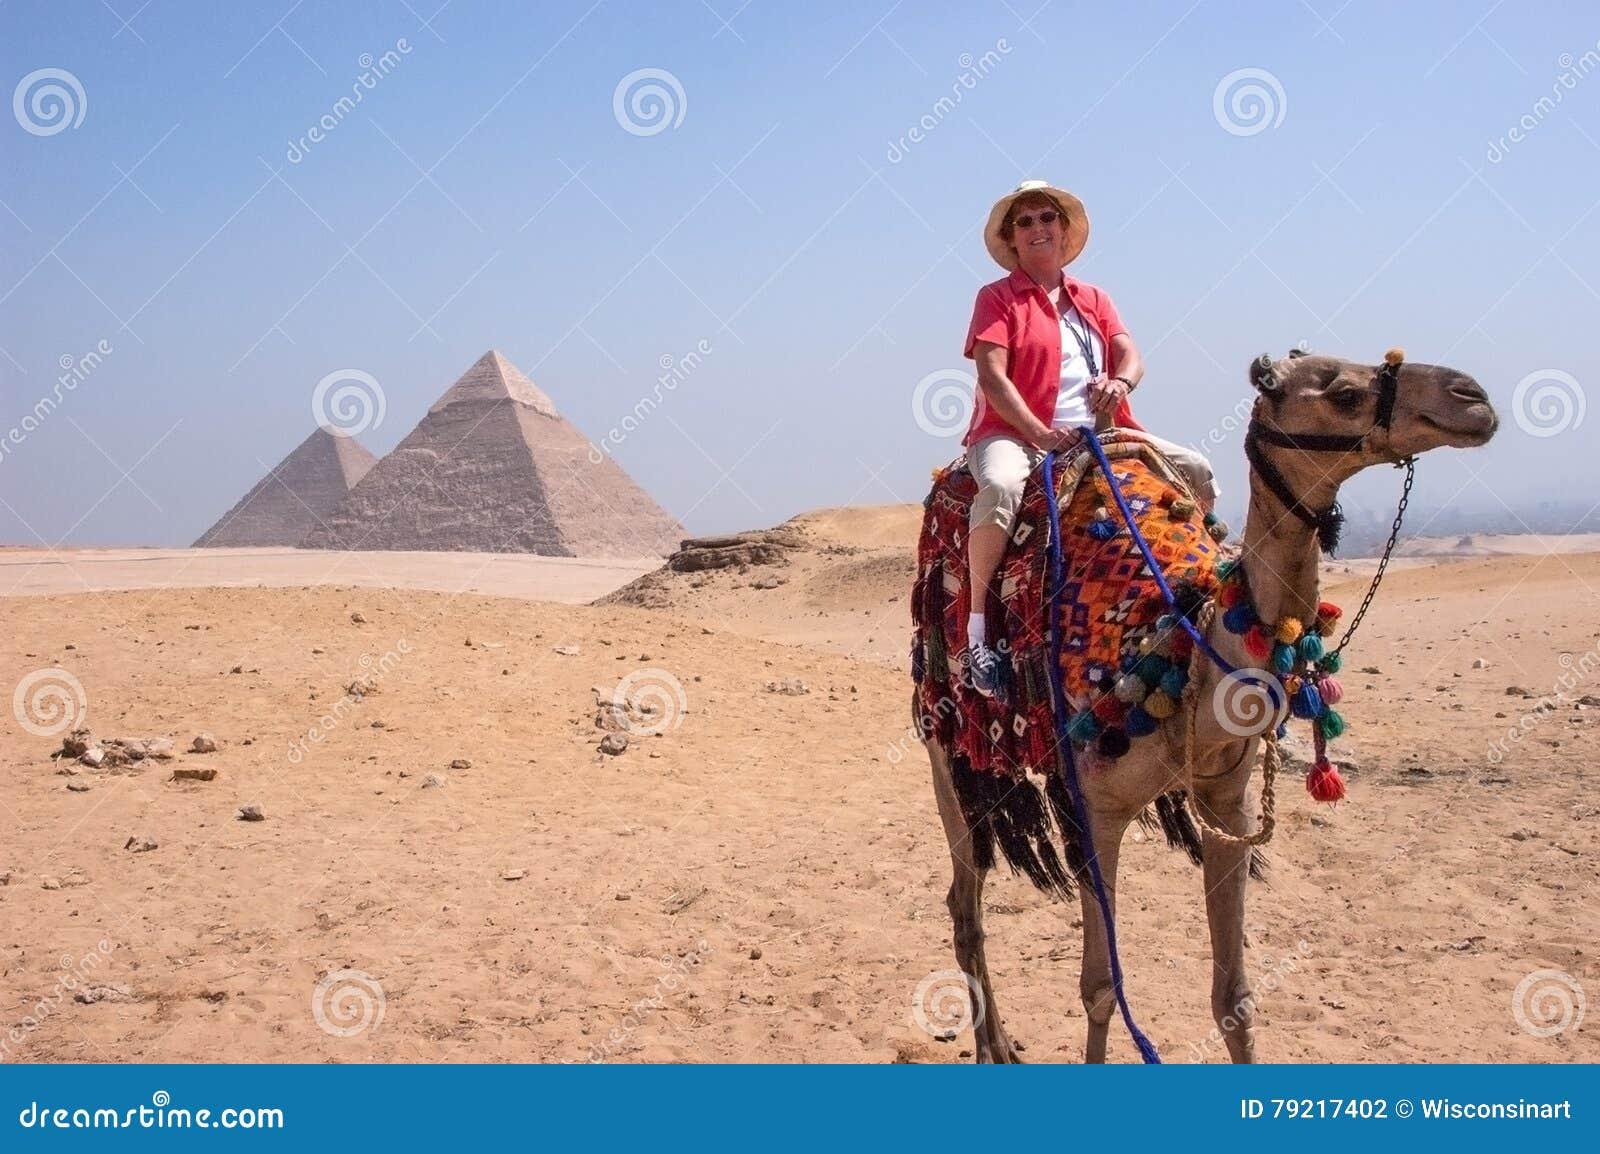 Турист, пирамида Египта, перемещение, каникулы